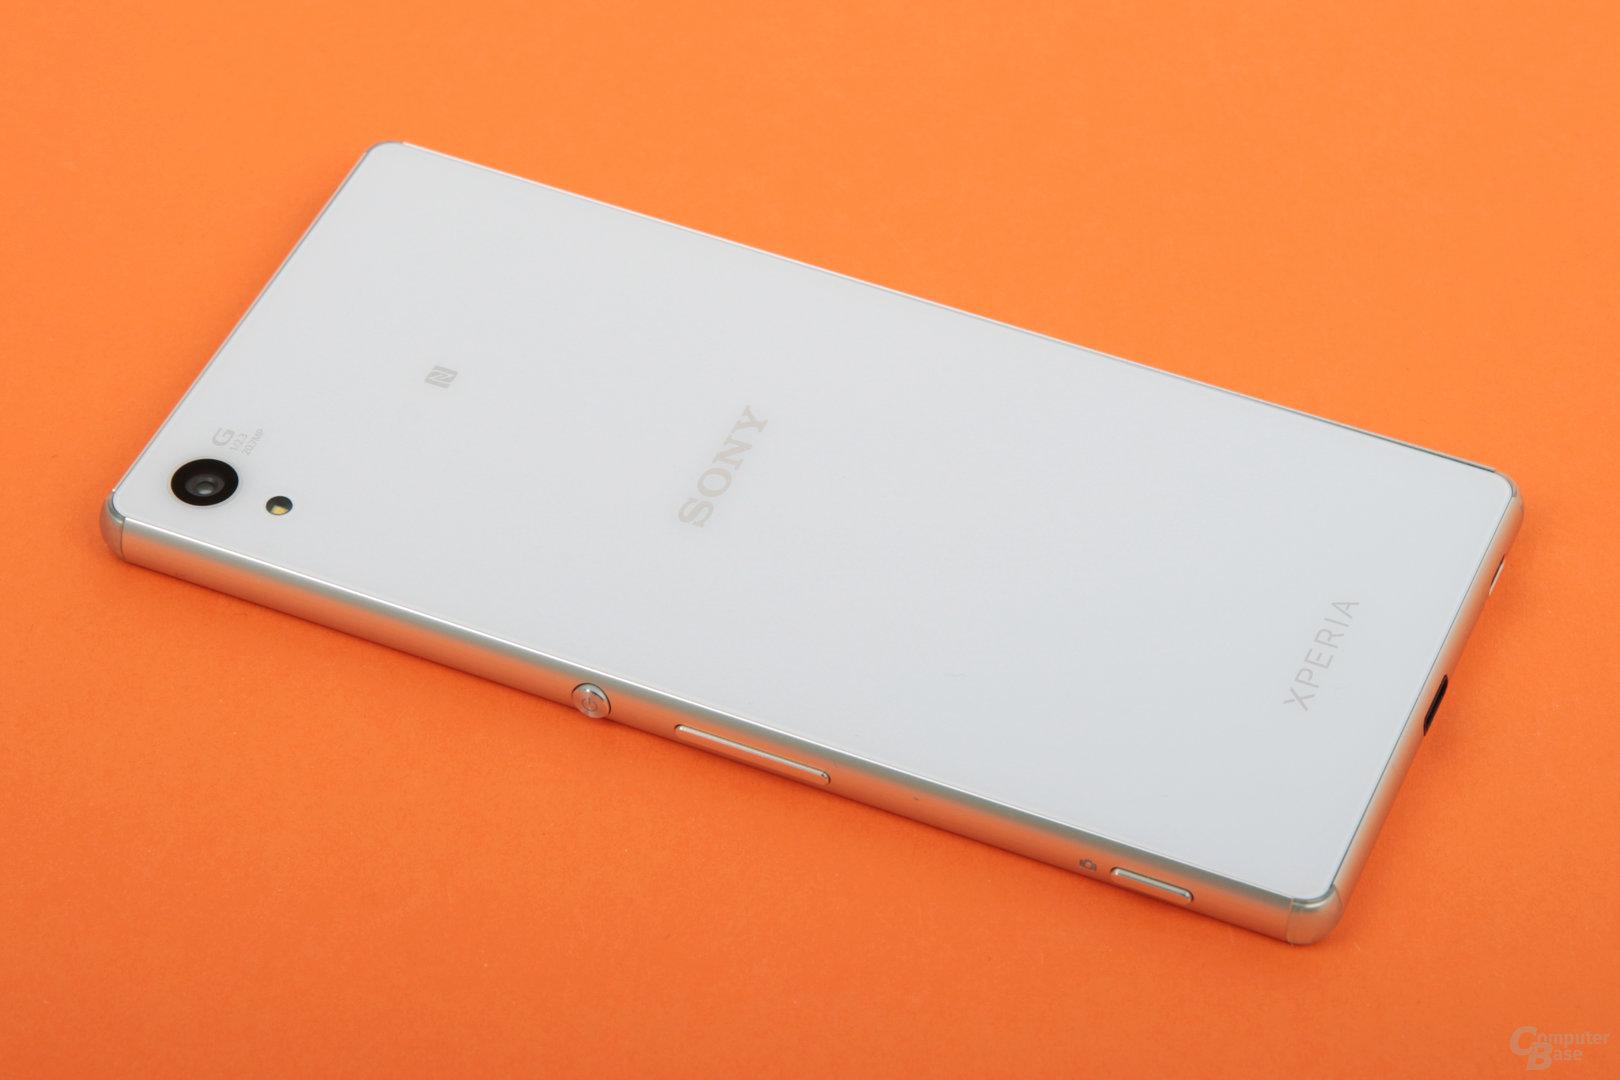 Sony ist mit dem Z3+ wieder ein schönes Smartphone gelungen